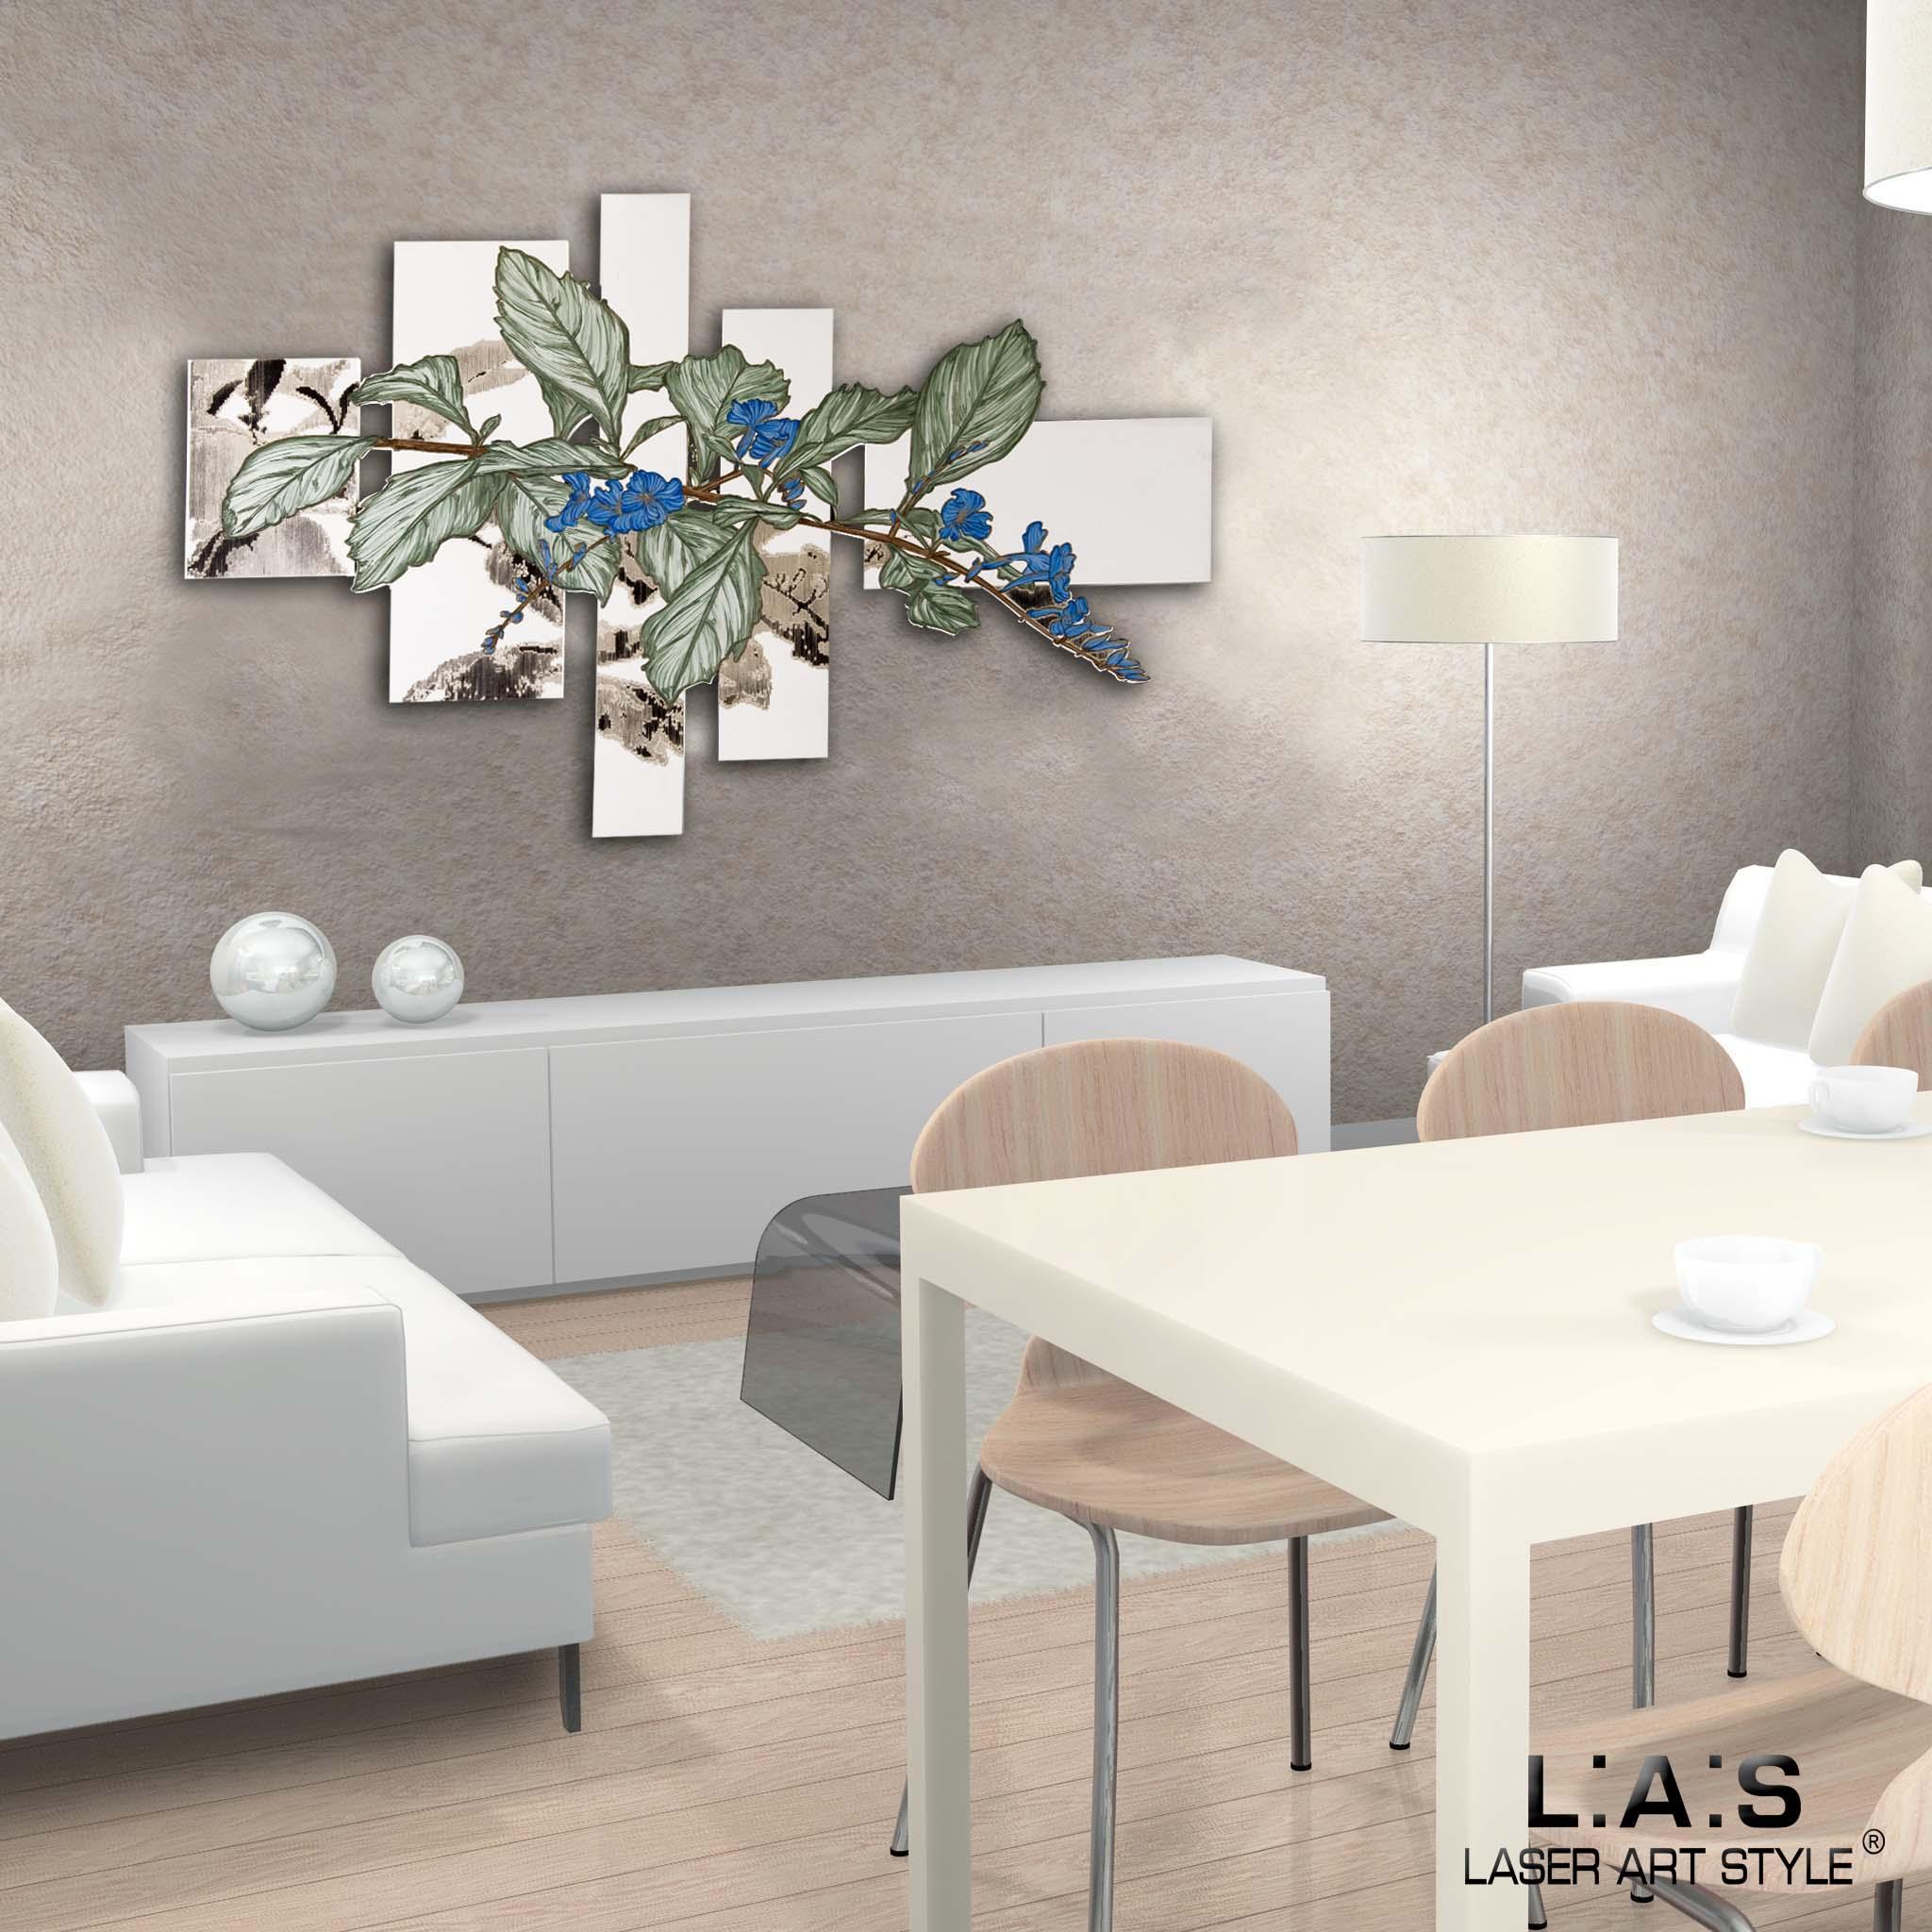 Quadro con fiori di design moderno Laser Art Style Di Cristofalo